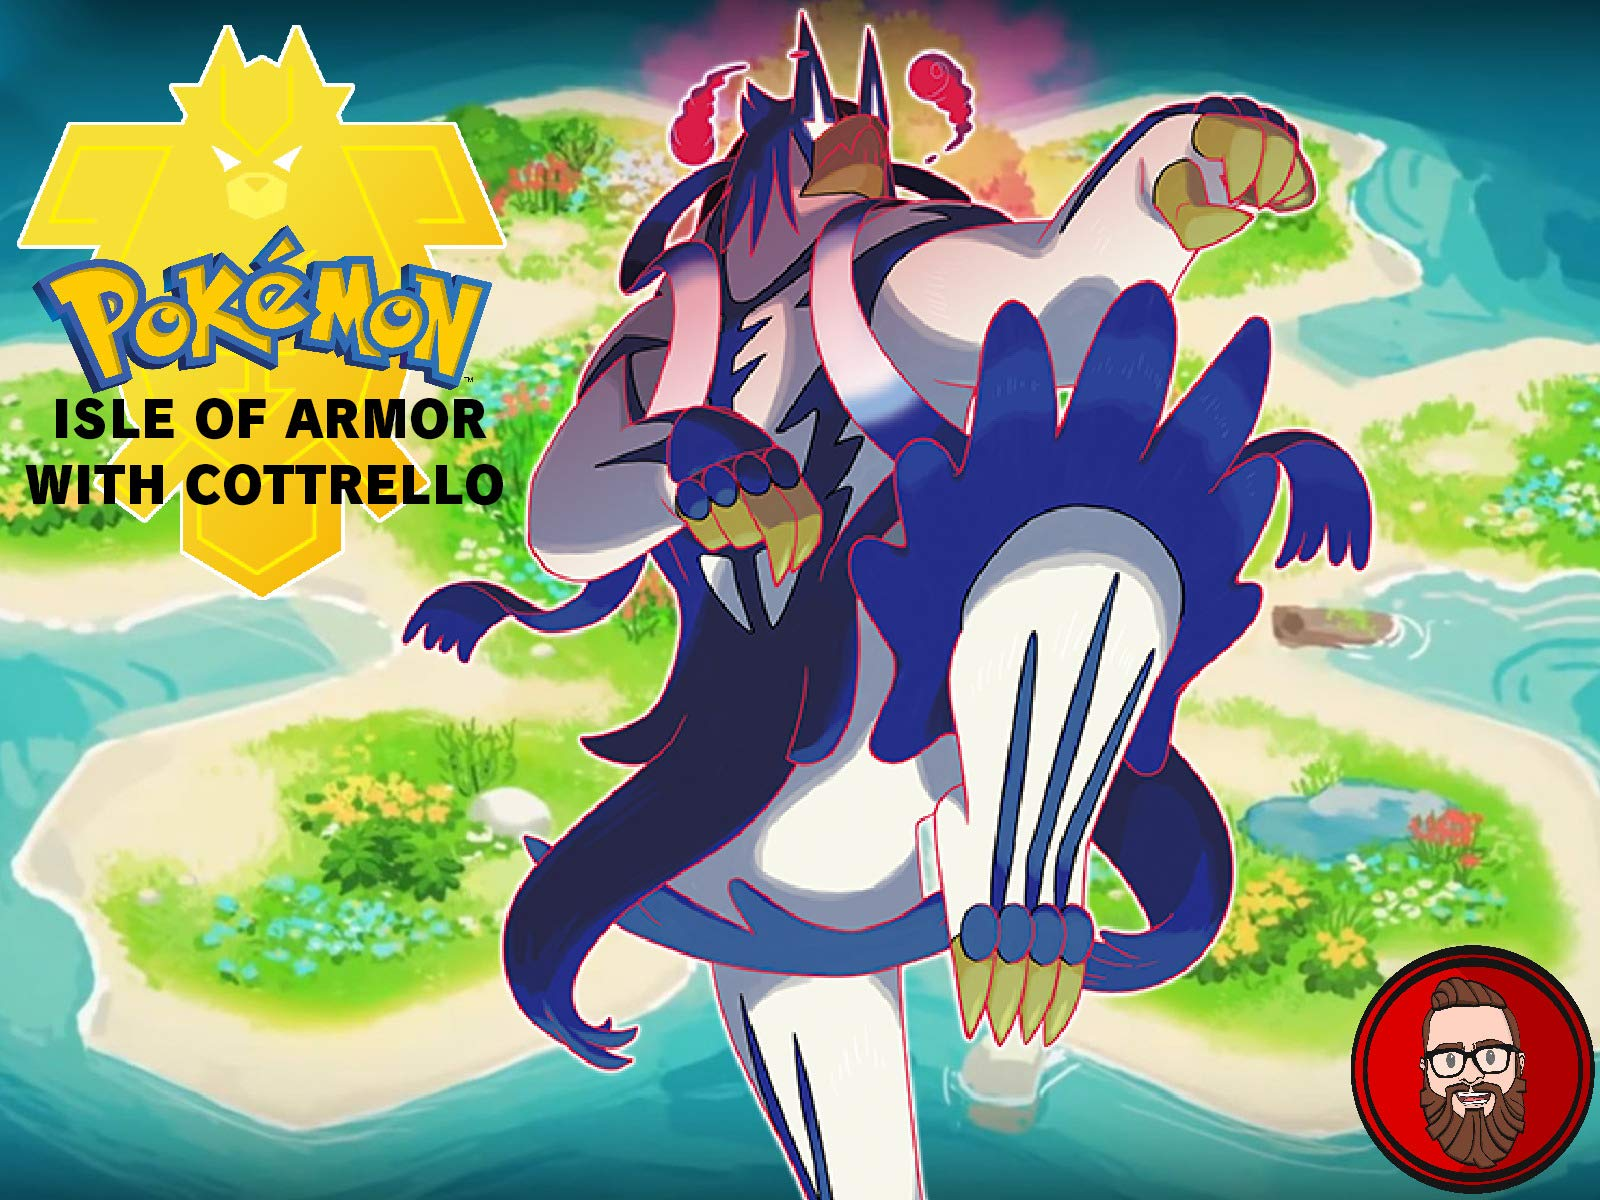 Pokemon Isle of Armor with Cottrello - Season 1